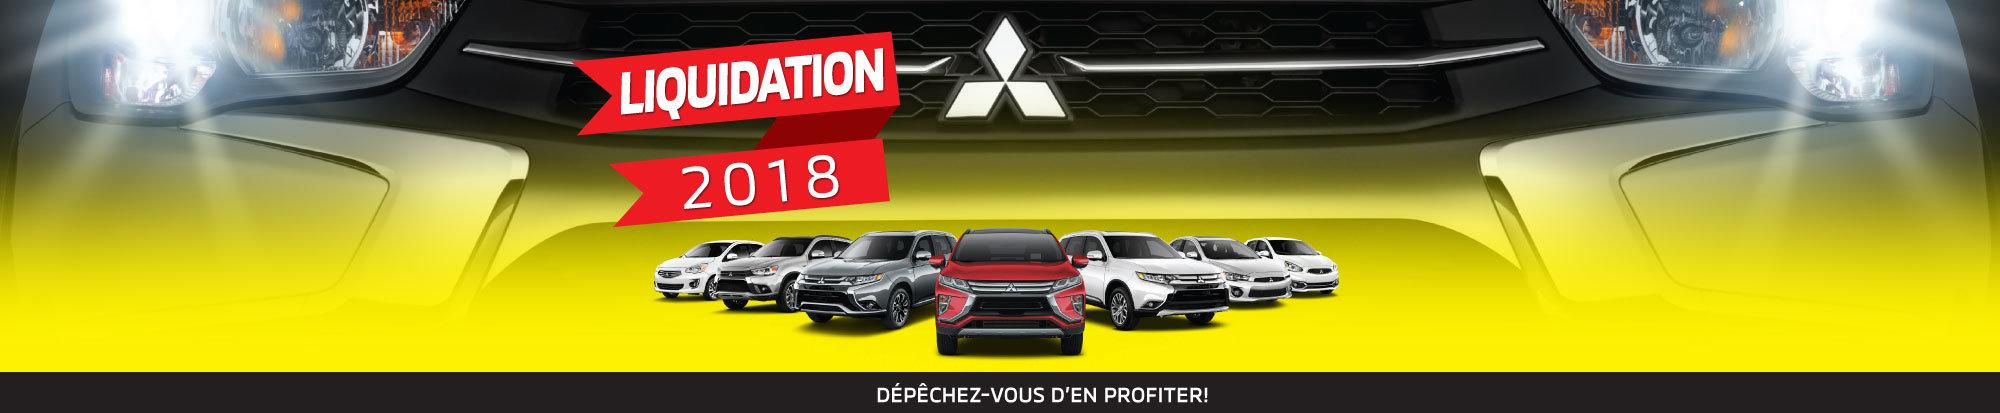 Modèles 2018 au plus bas prix de l'année chez Mitsubishi web